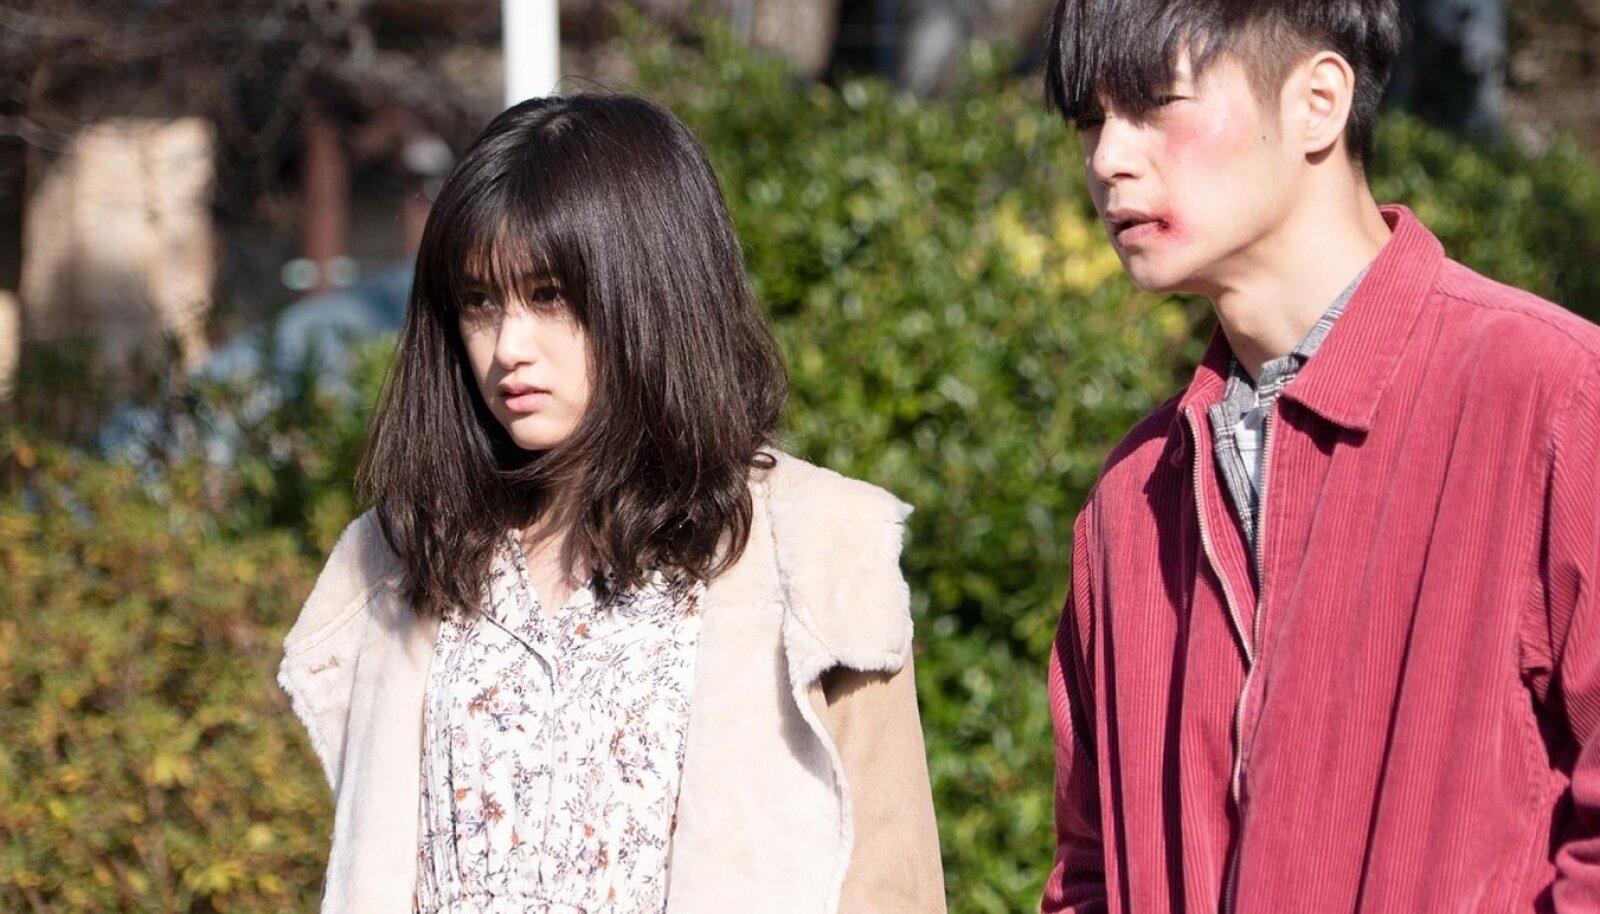 """Jaapani kultuslegend Takashi Miike tegi harjumuspärasel tasemel etteaste pöörase kriminulliga """"Esimene armastus""""."""